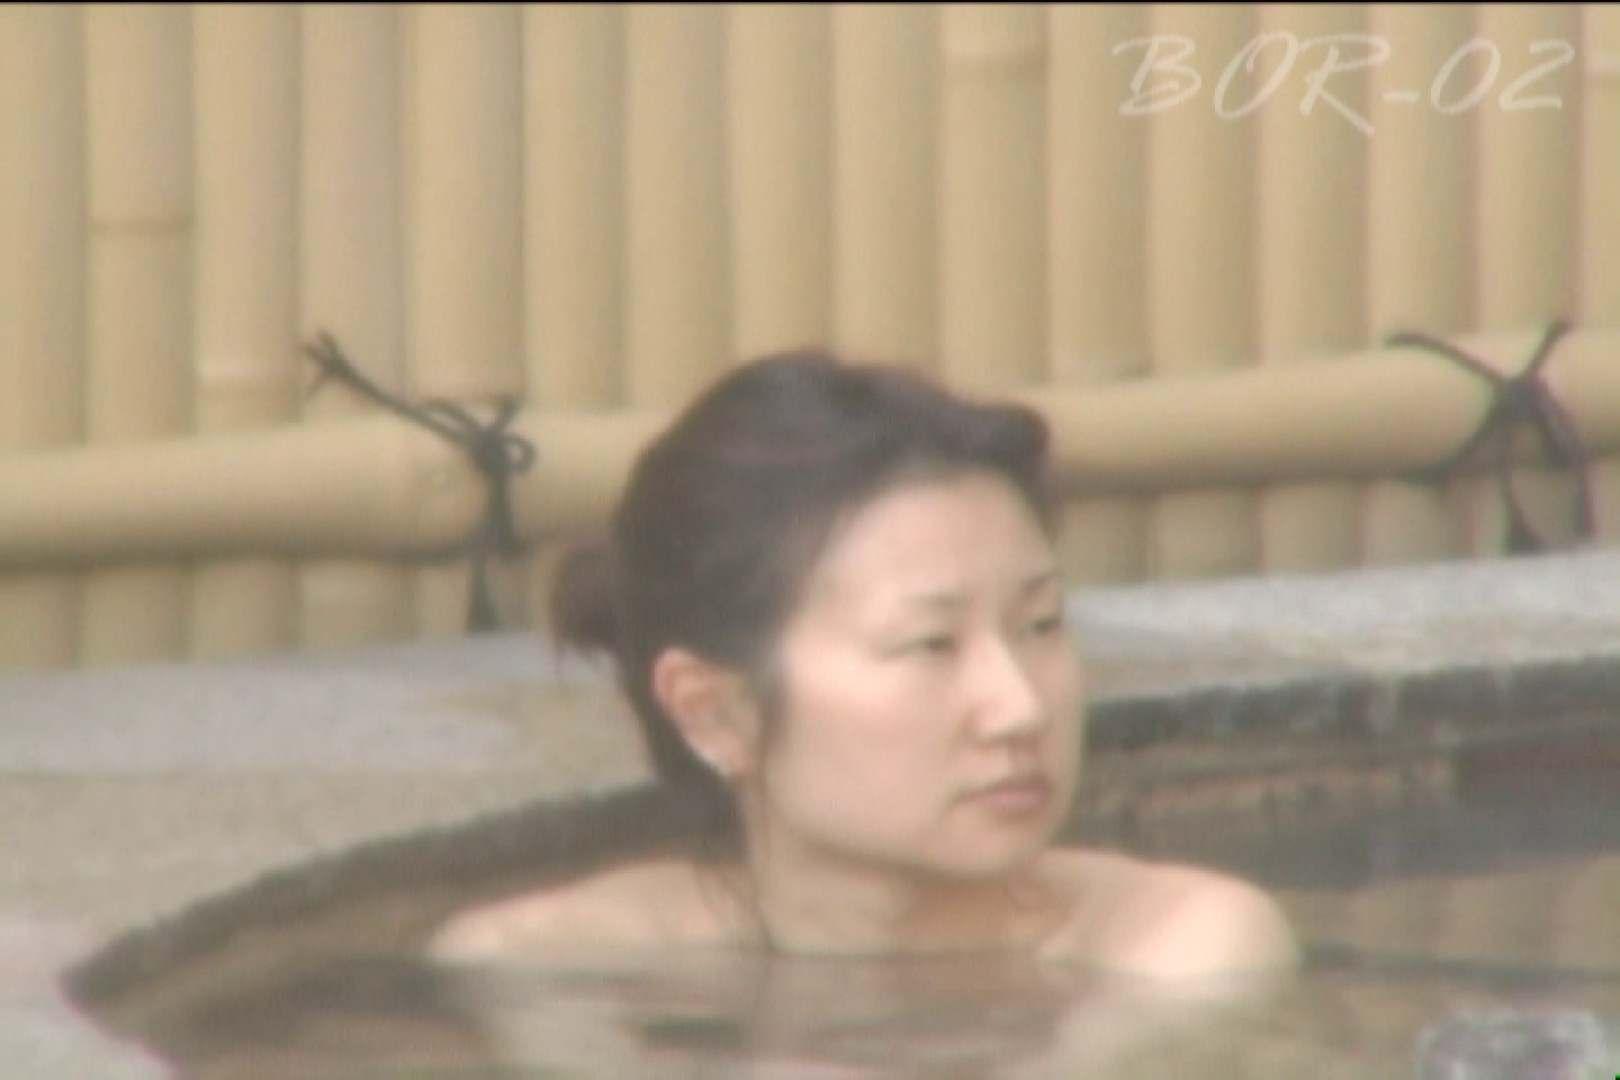 Aquaな露天風呂Vol.477 美しいOLの裸体  90pic 3